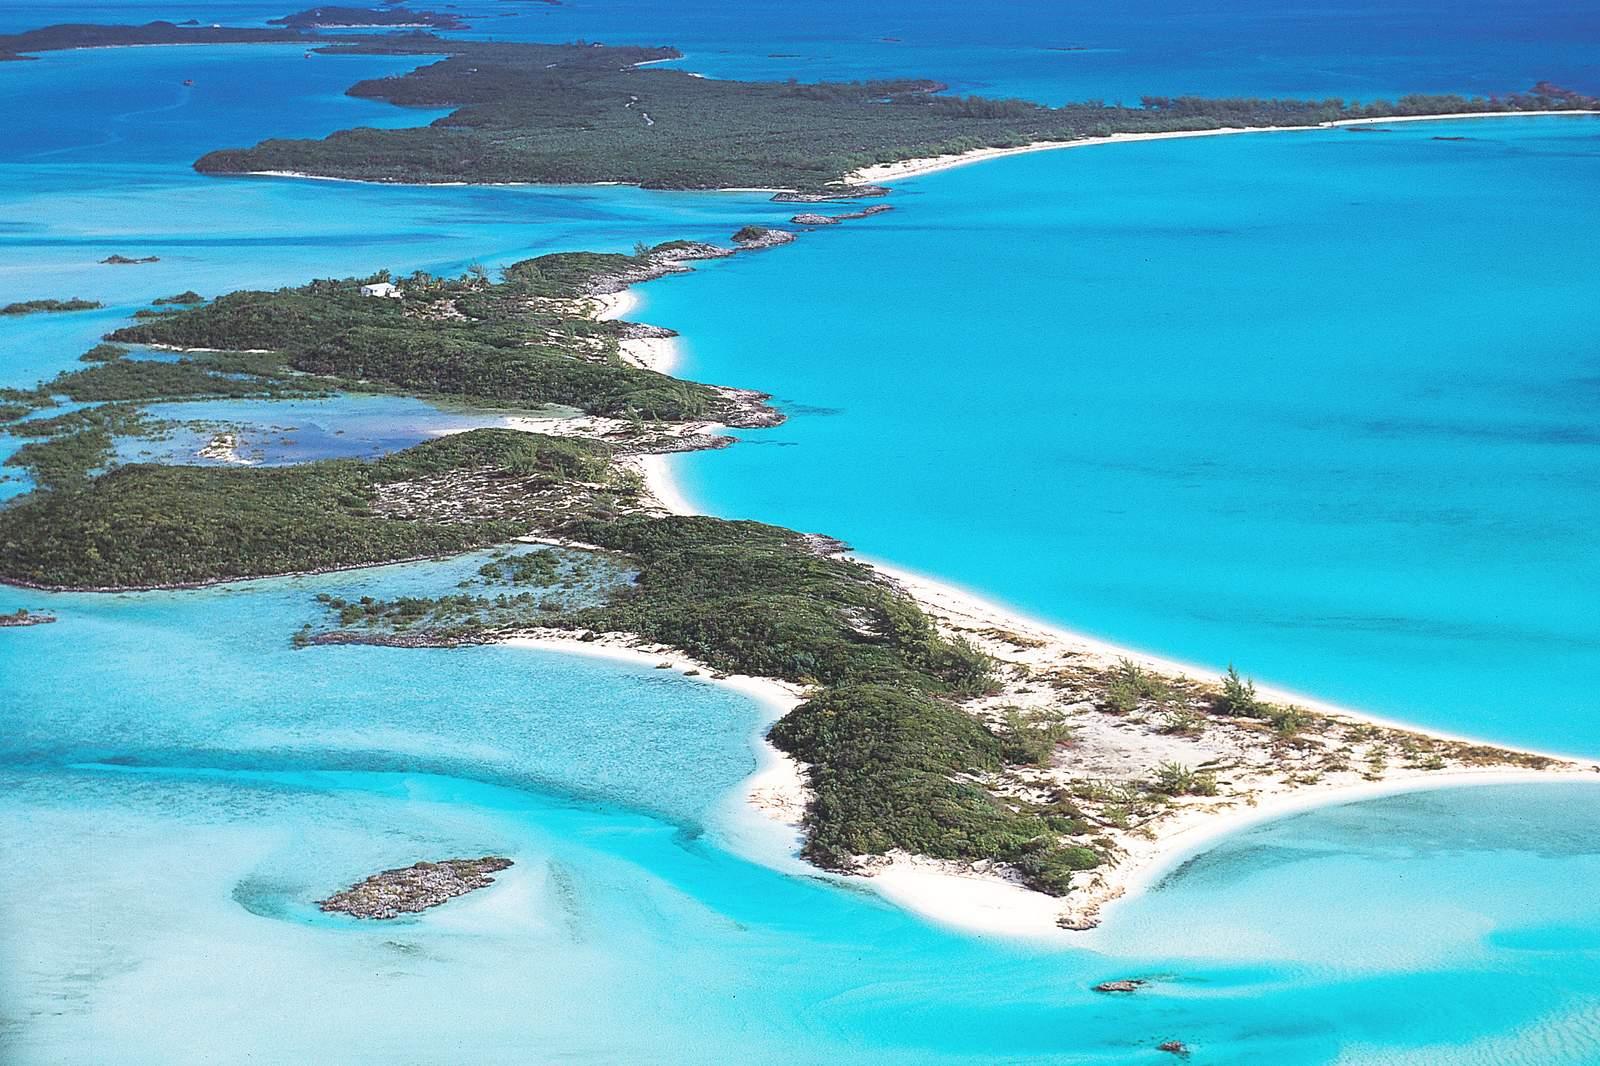 Die Inselwelt der Exumas